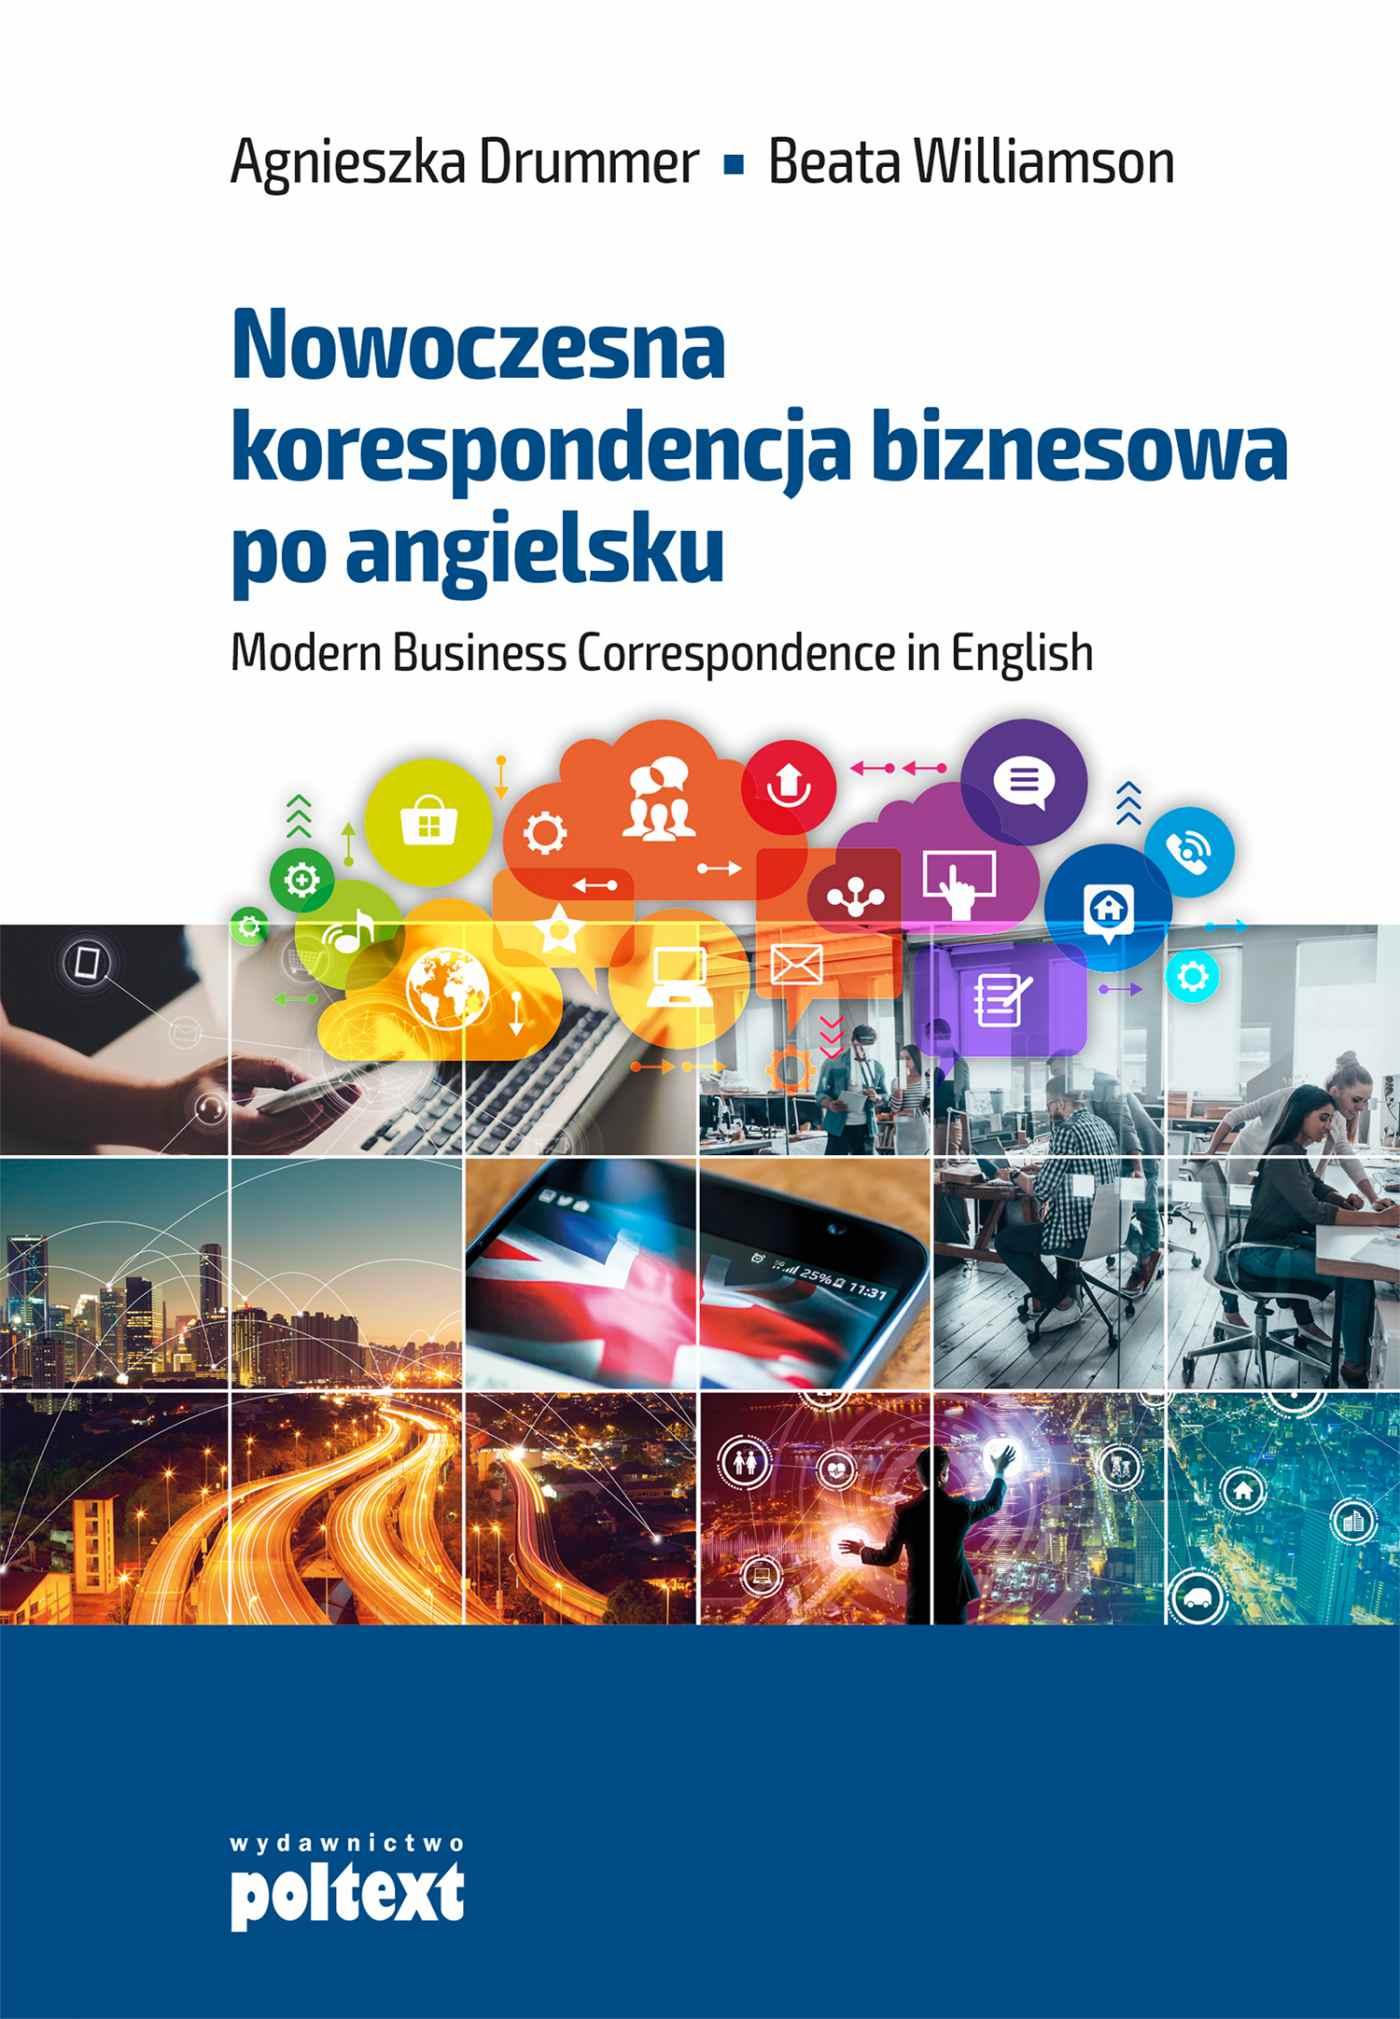 Nowoczesna korespondencja biznesowa po angielsku - Ebook (Książka EPUB) do pobrania w formacie EPUB